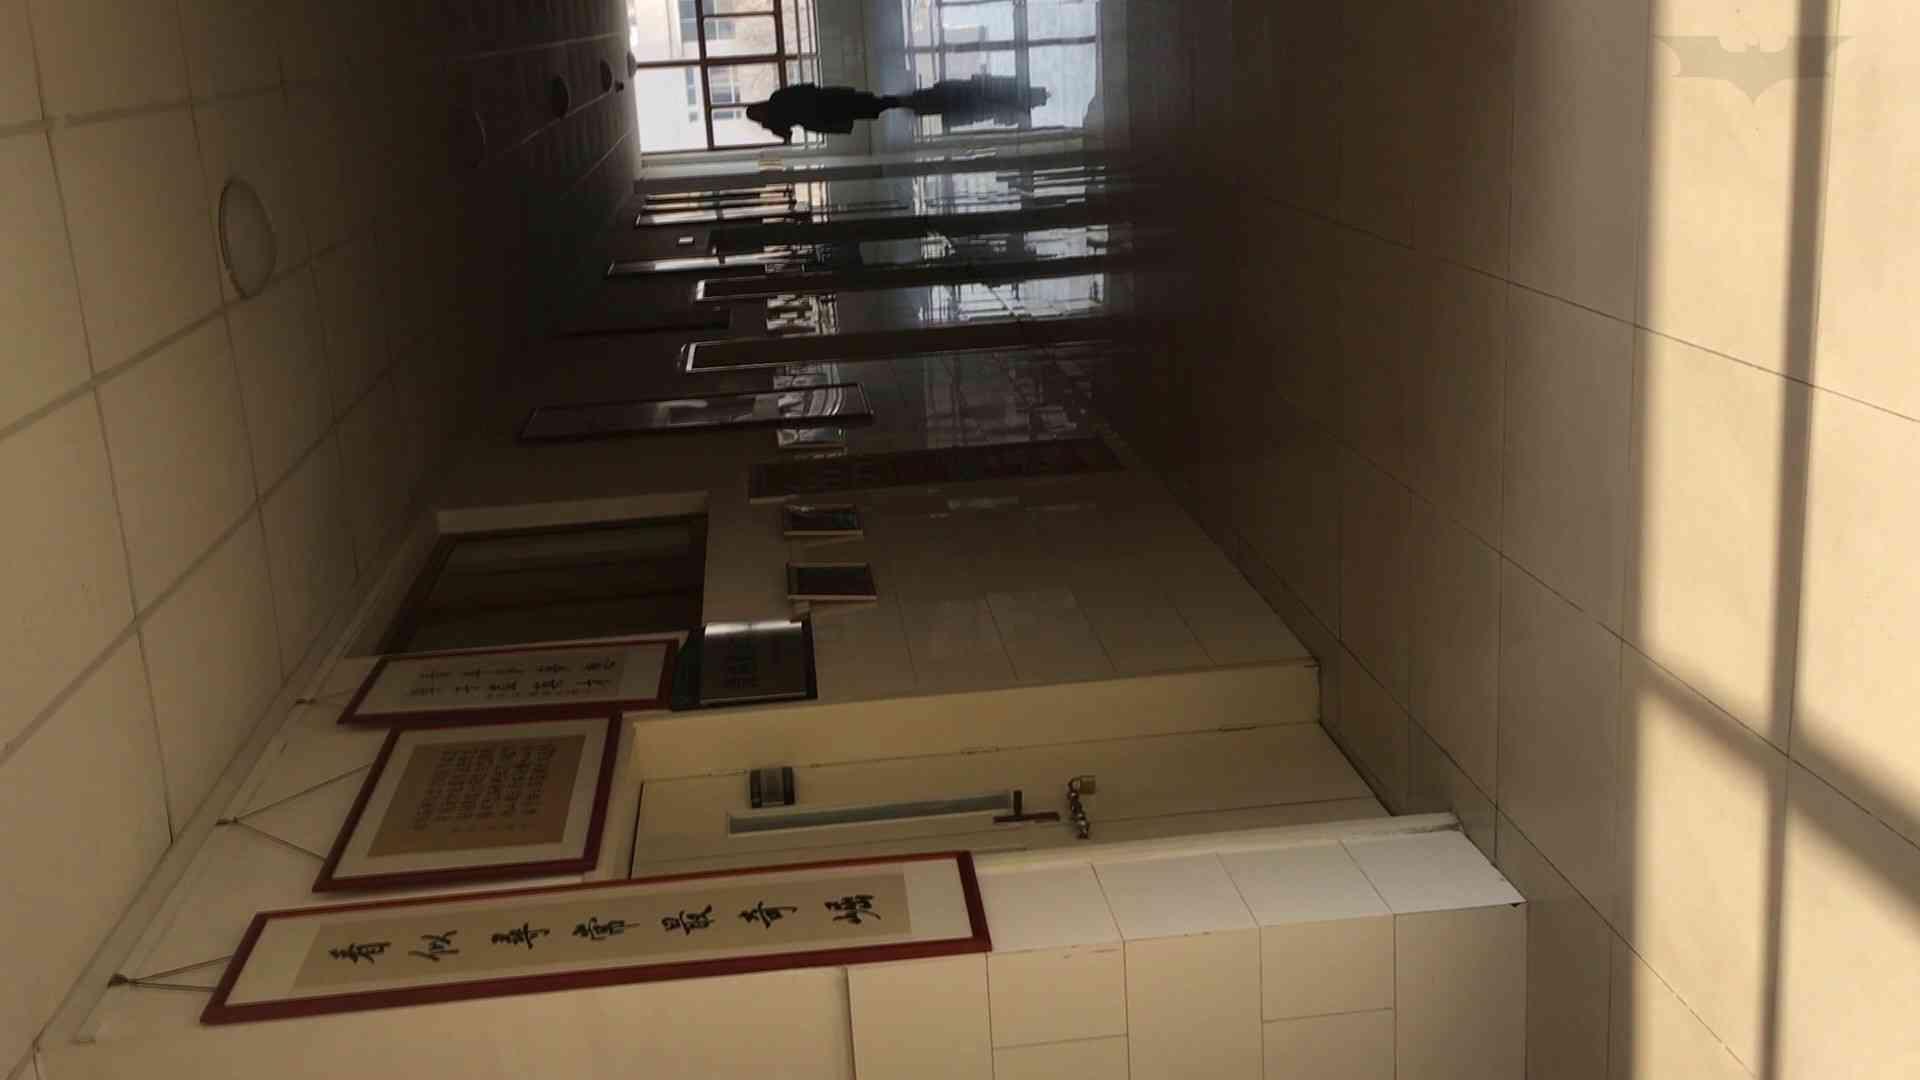 芸術大学ガチ潜入盗撮 JD盗撮 美女の洗面所の秘密 Vol.93 高画質 ヌード画像 62画像 7